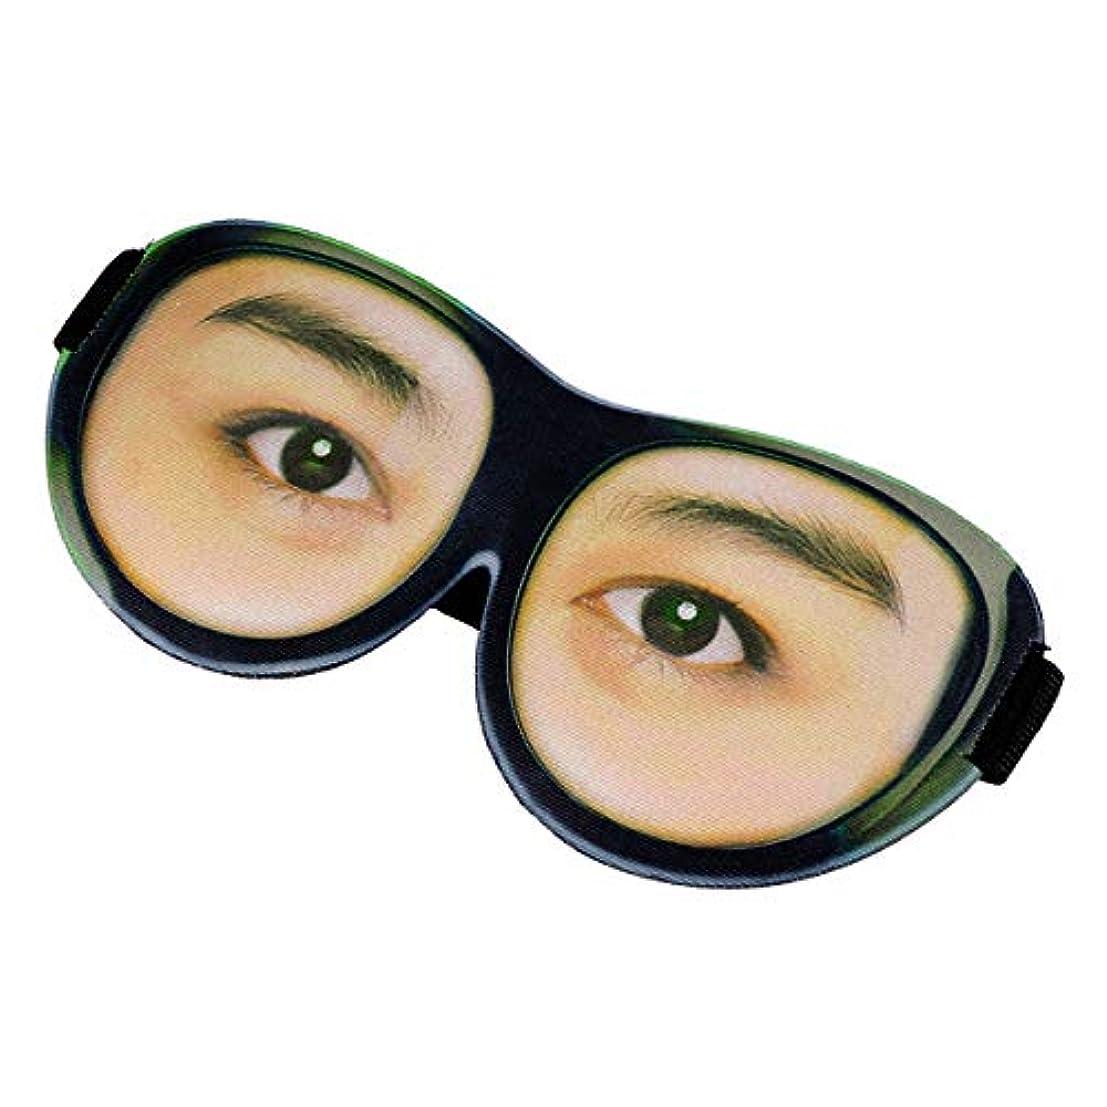 黙細分化する悪いBeaupretty 睡眠マスクメガネ面白い3D調節可能ストラップ付きアイマスクアイシェード睡眠用アイシェード